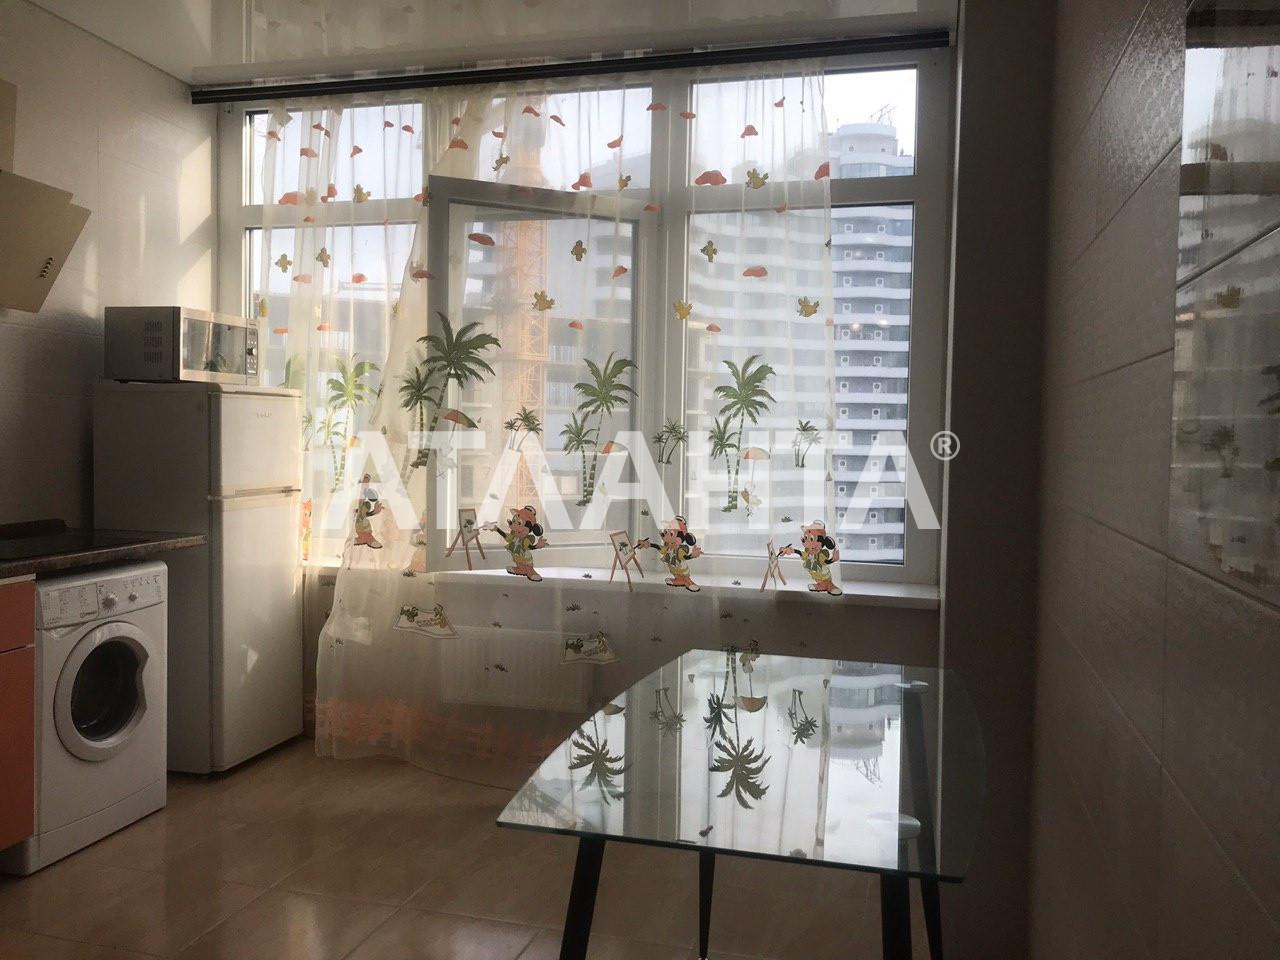 Продается 1-комнатная Квартира на ул. Каманина — 45 500 у.е. (фото №5)